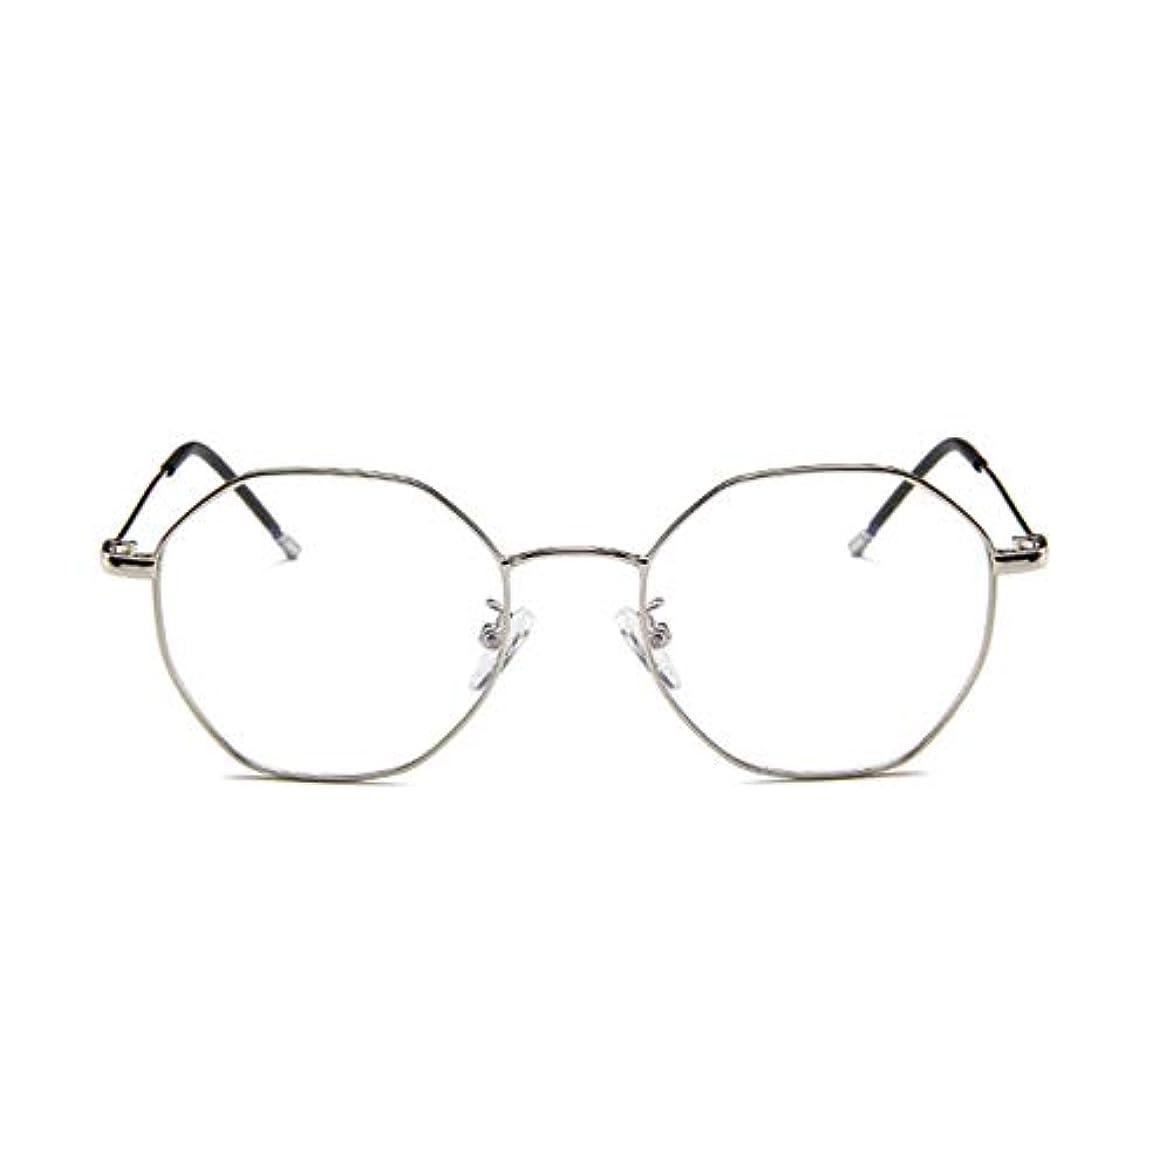 目を覚ます言い換えると同志ファッションメガネ近視多角形フレーム韓国語版金属フレーム男性と女性のための不規則なフラットグラス-スライバー